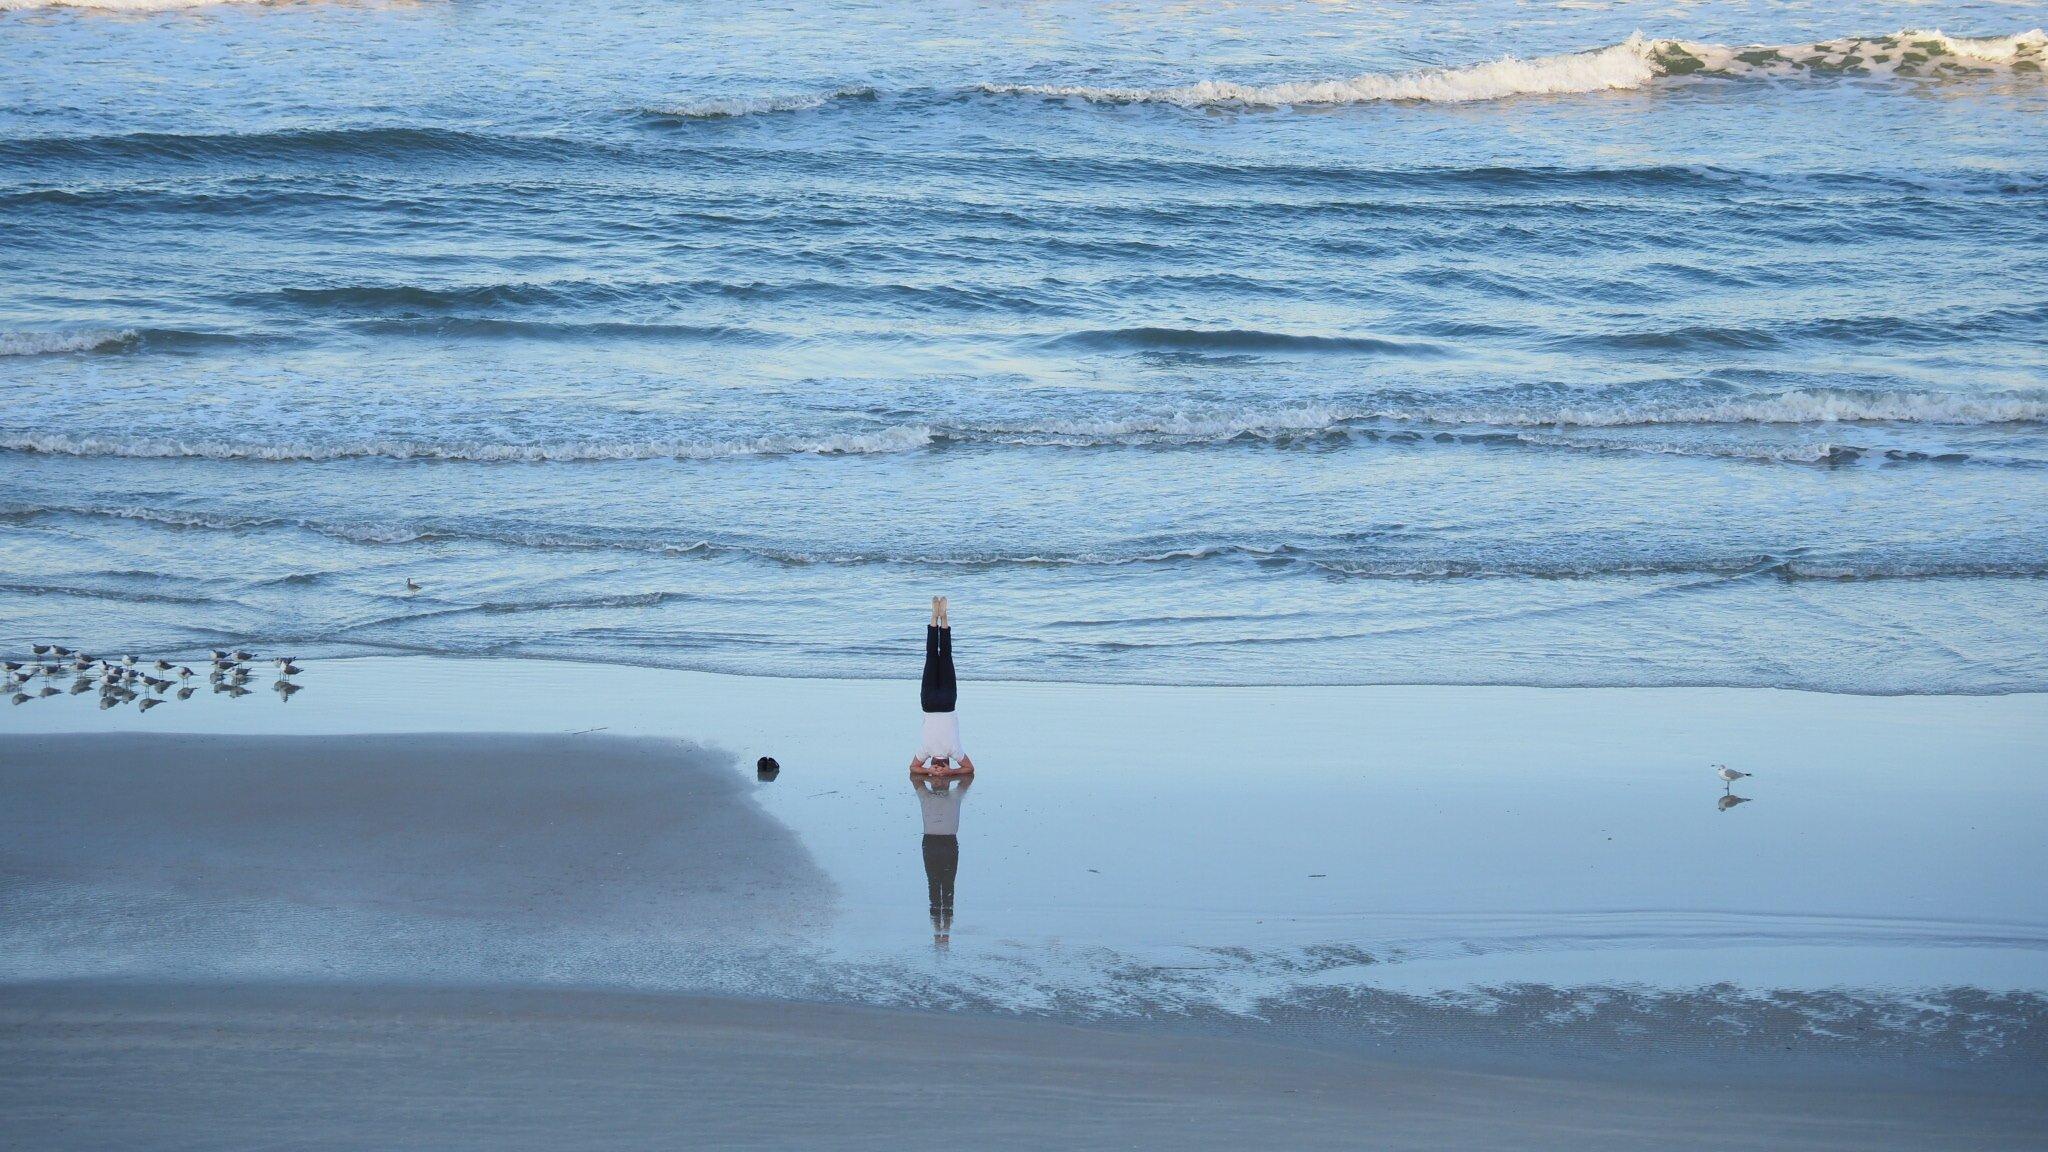 Das Meer, ein Mann am Strand, der einen Kopfstand macht.